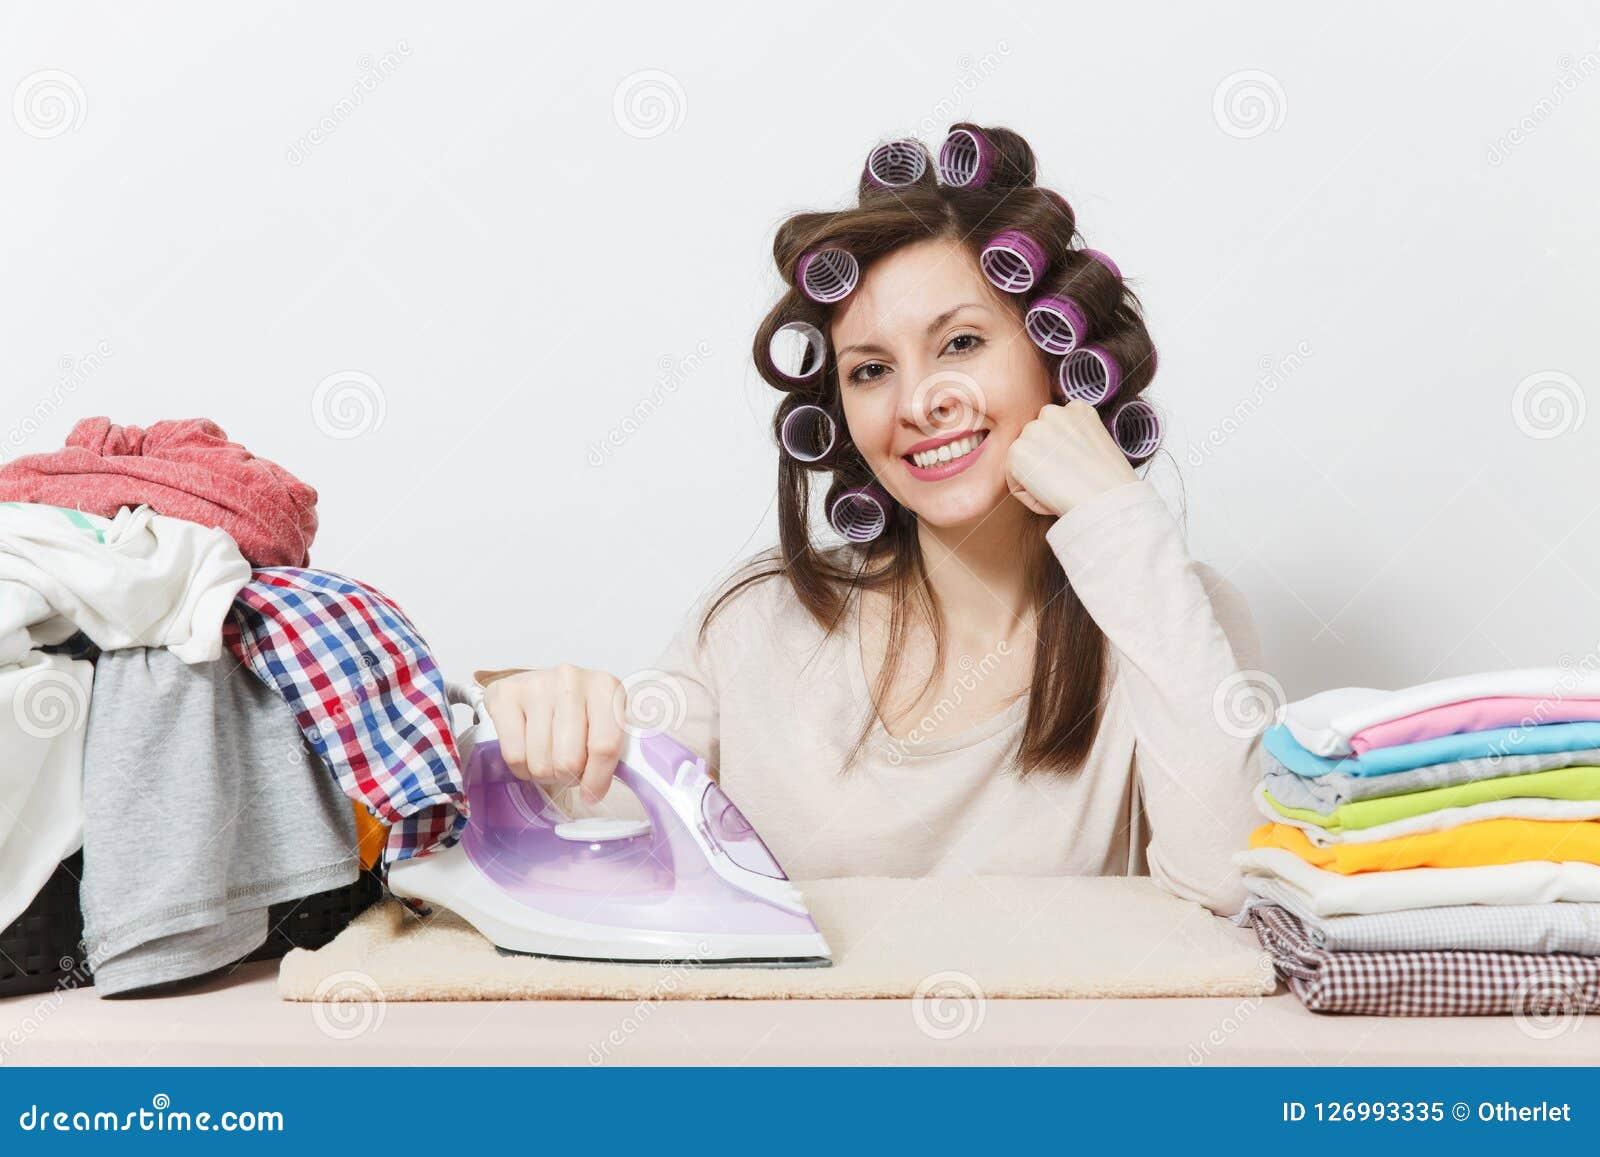 Νέα όμορφη νοικοκυρά Γυναίκα στην άσπρη ανασκόπηση Έννοια οικοκυρικής Διάστημα αντιγράφων για τη διαφήμιση